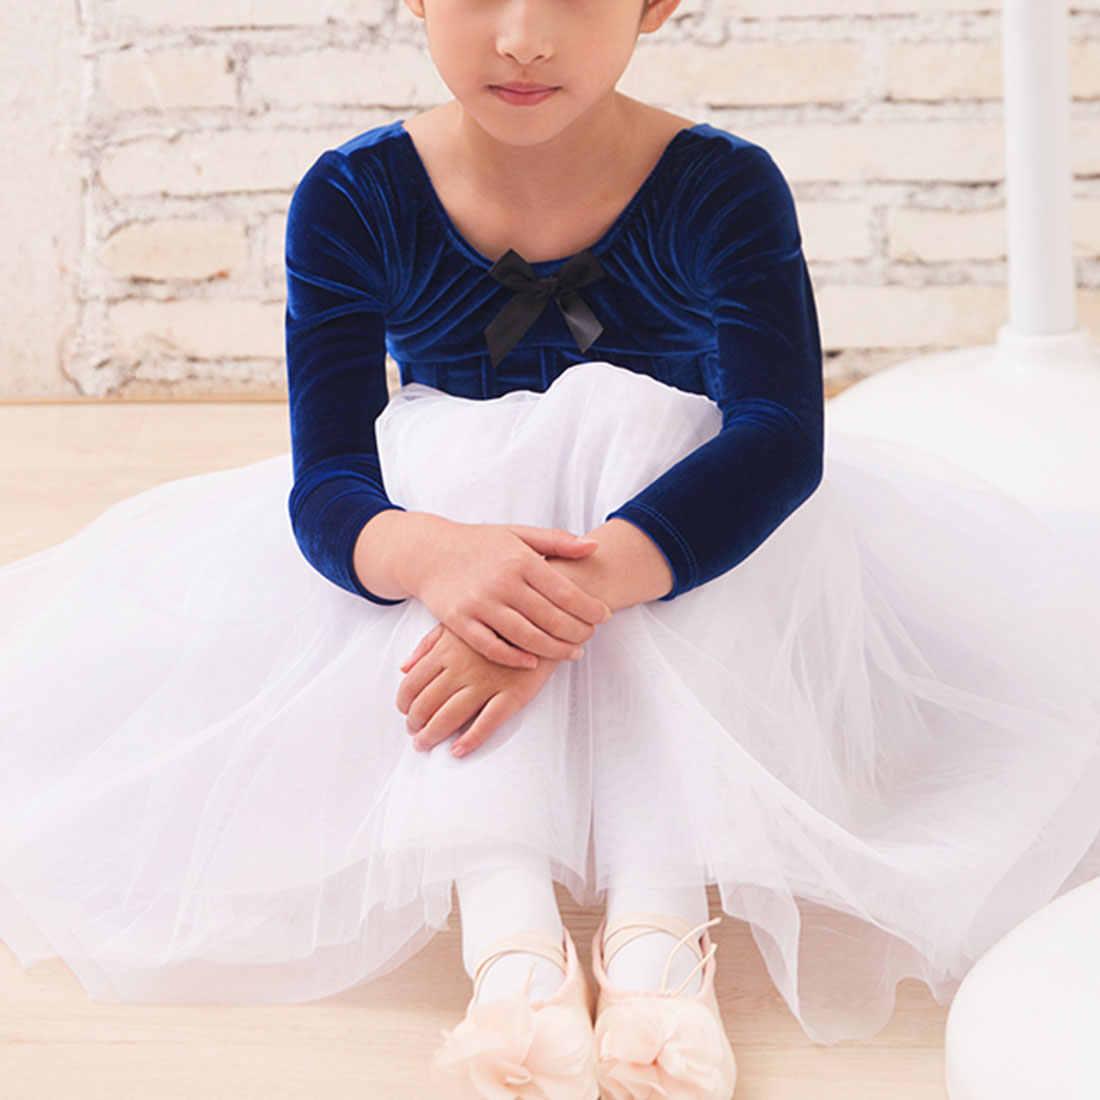 女の赤ちゃんのチュチュスカートかわいい子供プリンセスチュールスカートキッドガールかわいいふわふわチュールペチコートチュチュスカートバレエダンス衣装